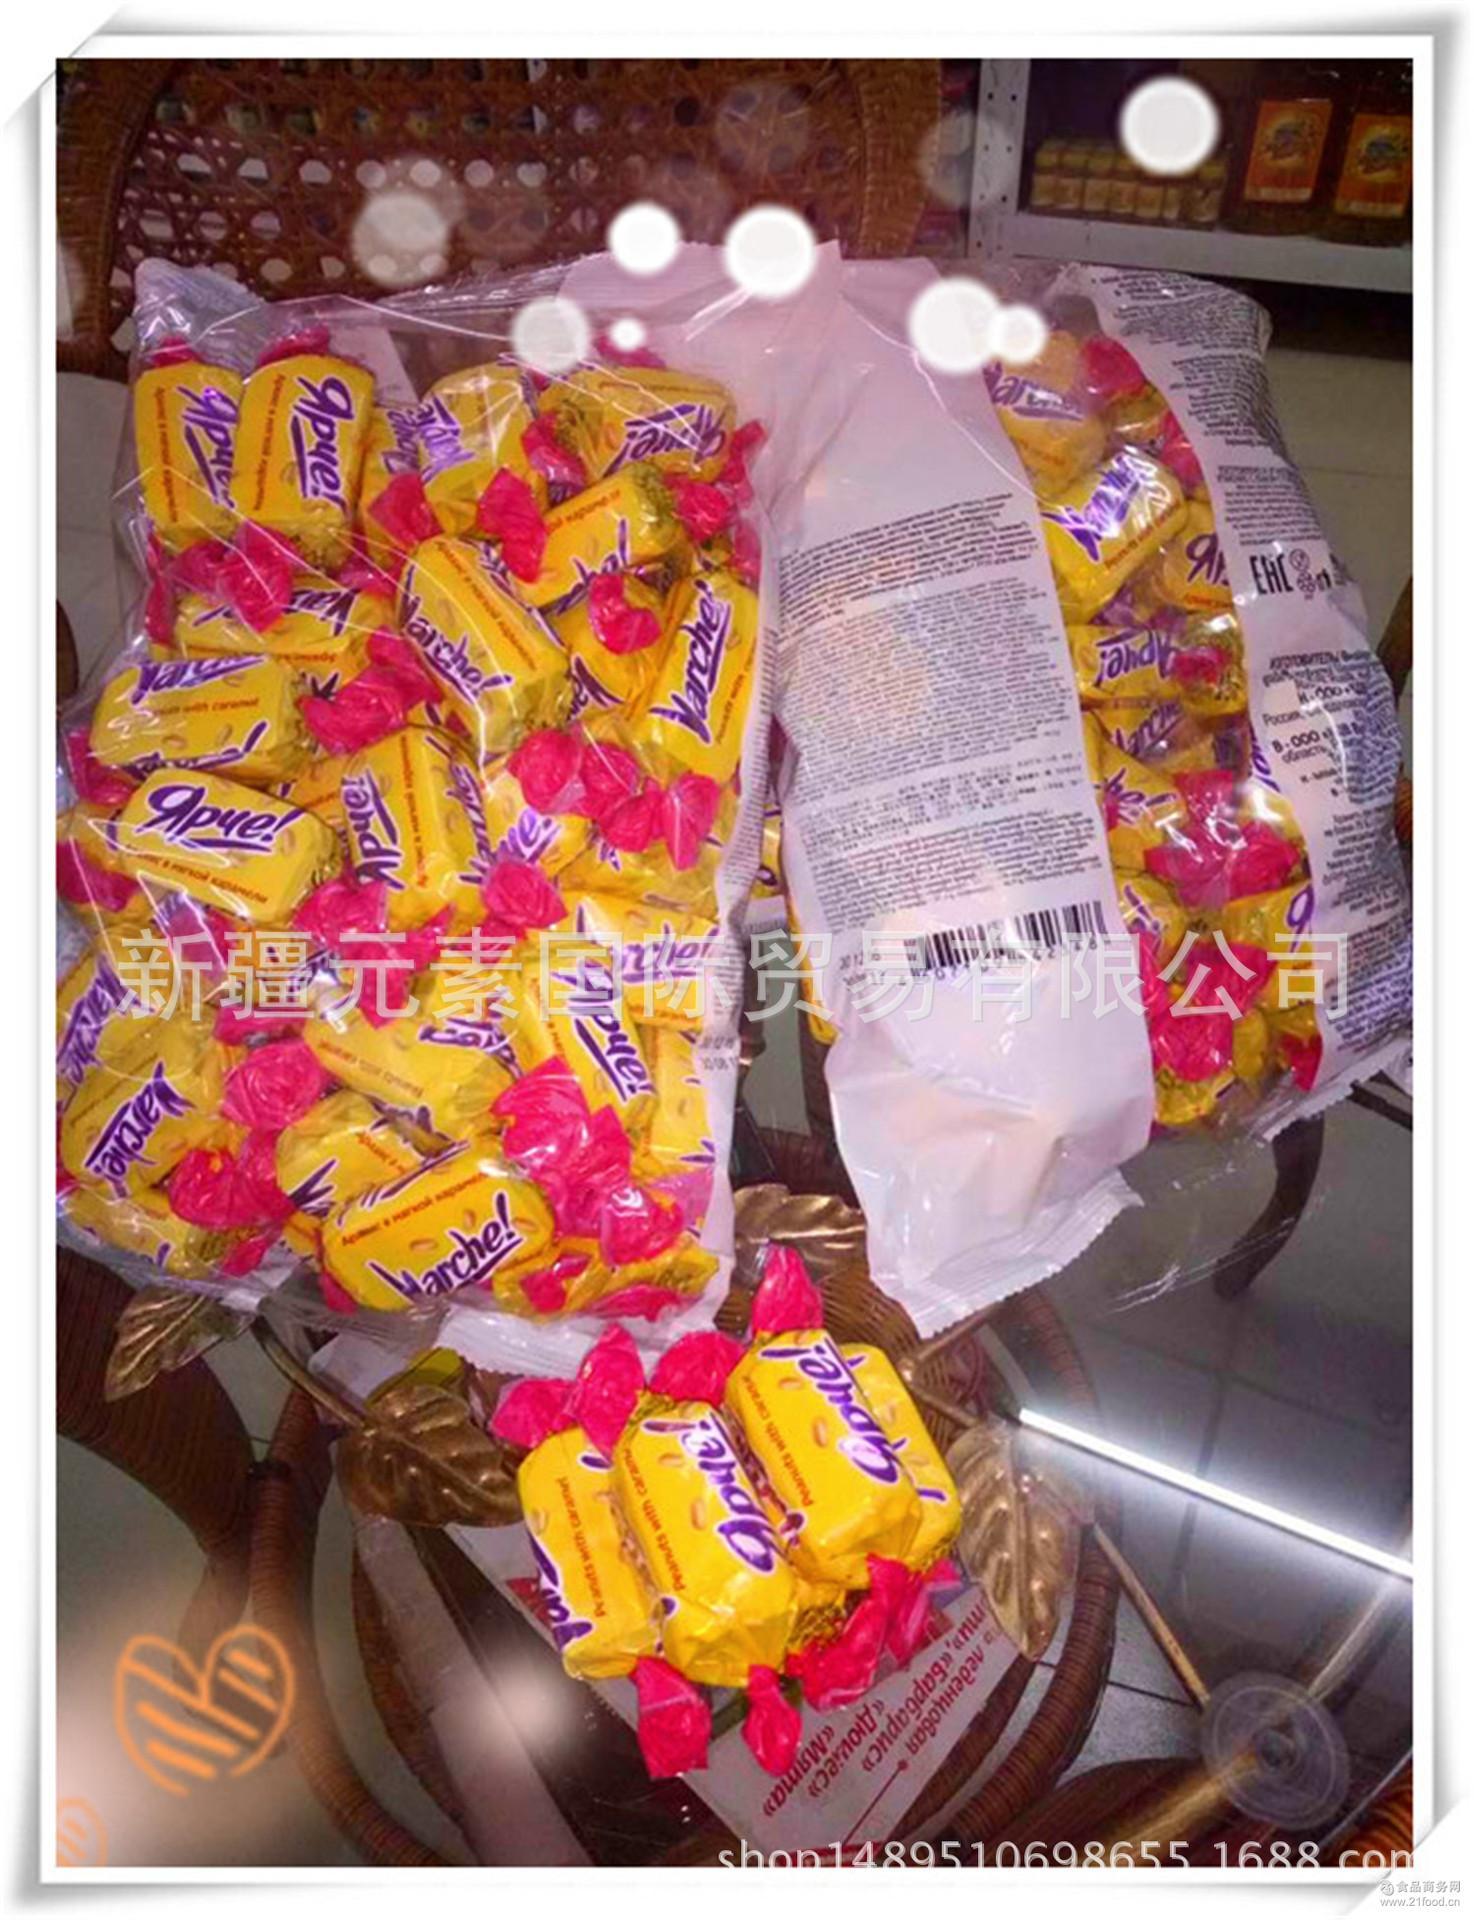 俄罗斯进口kdv牌 黄爵士夹心巧克力糖 黄花生巧克力喜糖